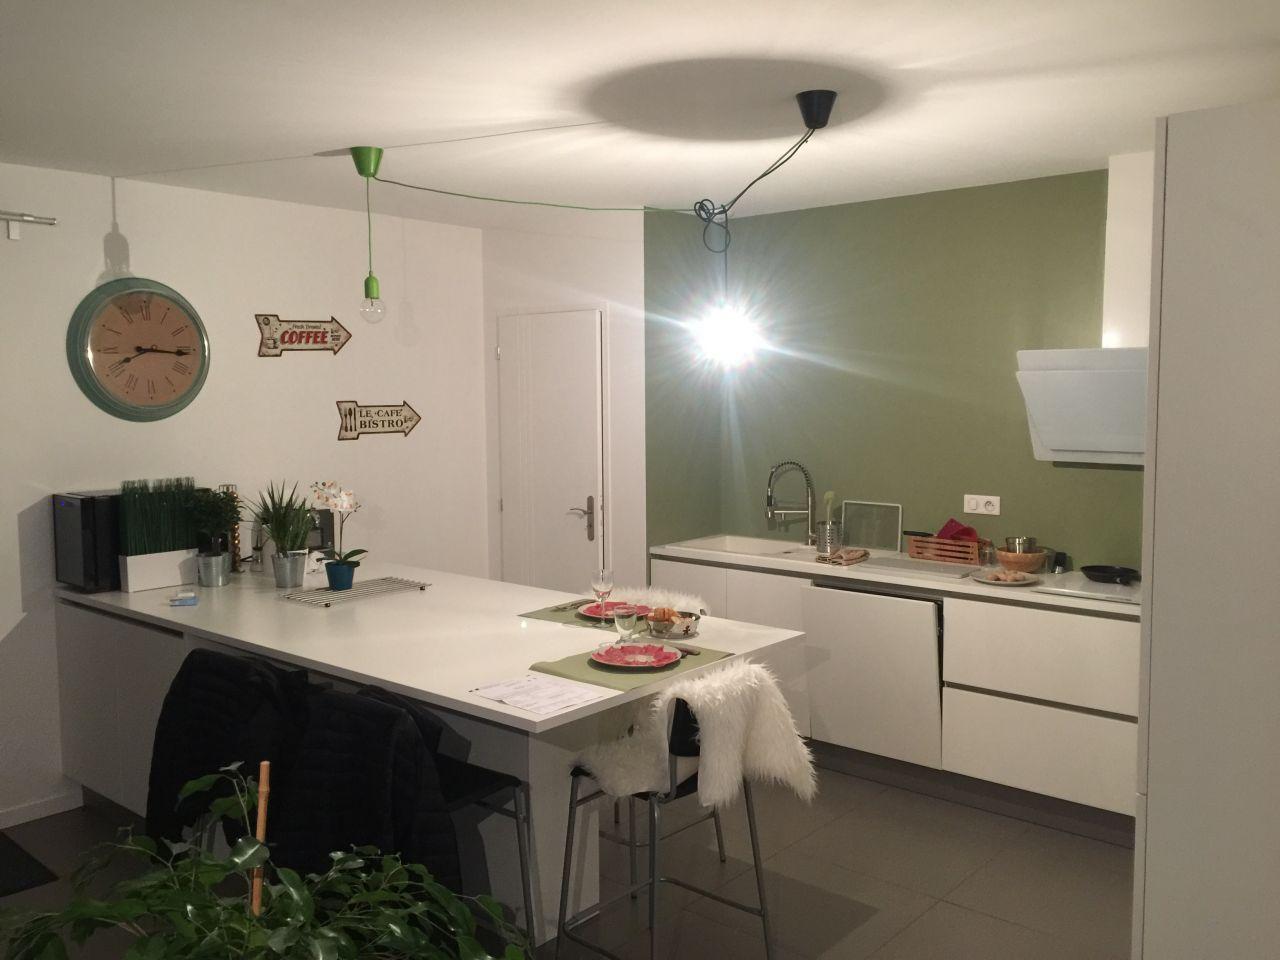 Installation cuisine montesquieu lauragais haute garonne - Cuisine installee prix ...